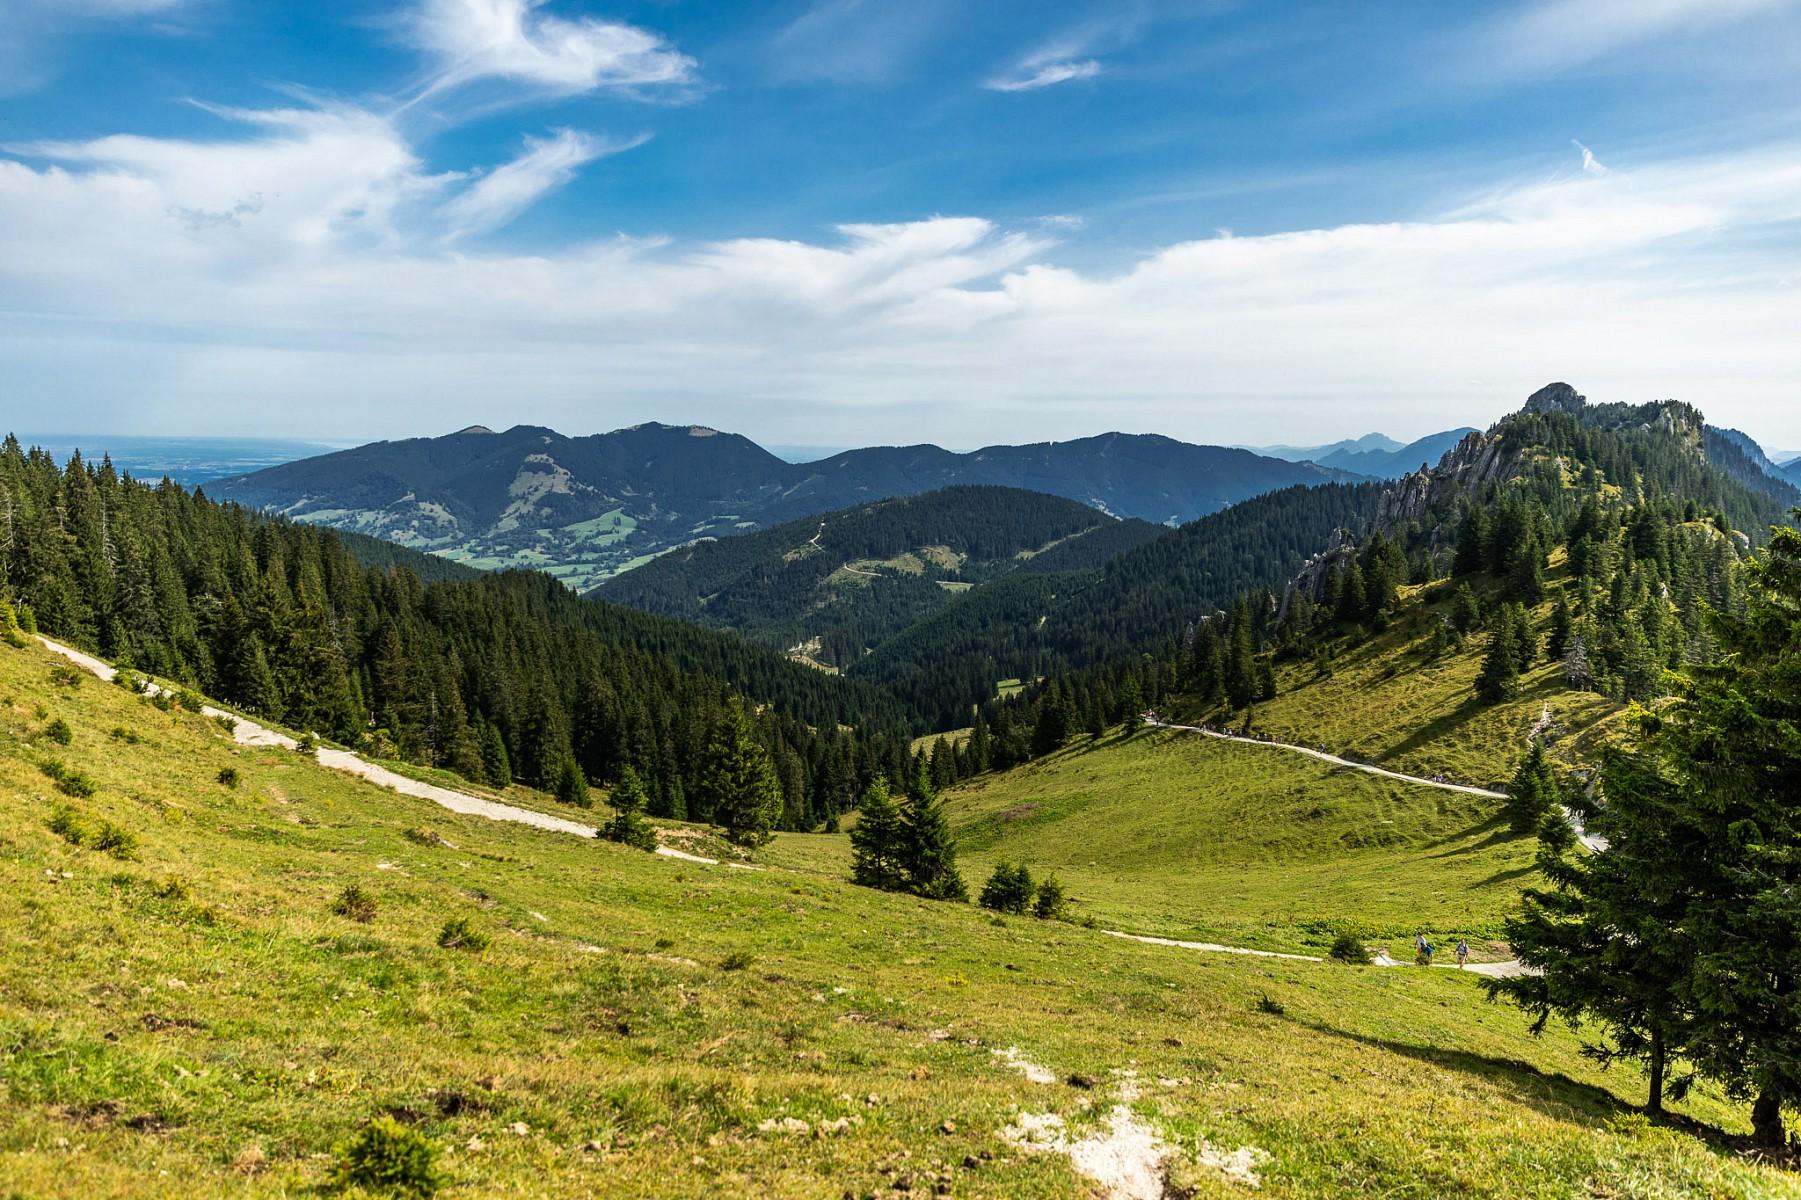 pVon-Unterammergau-aus-geht-es-hinauf-auf-das-Houmlrnle-Mit-dem-Abstieg-verlassen-wir-den-letzten-Gipfel-auf-dem-Spitzenwanderweg-nbspp